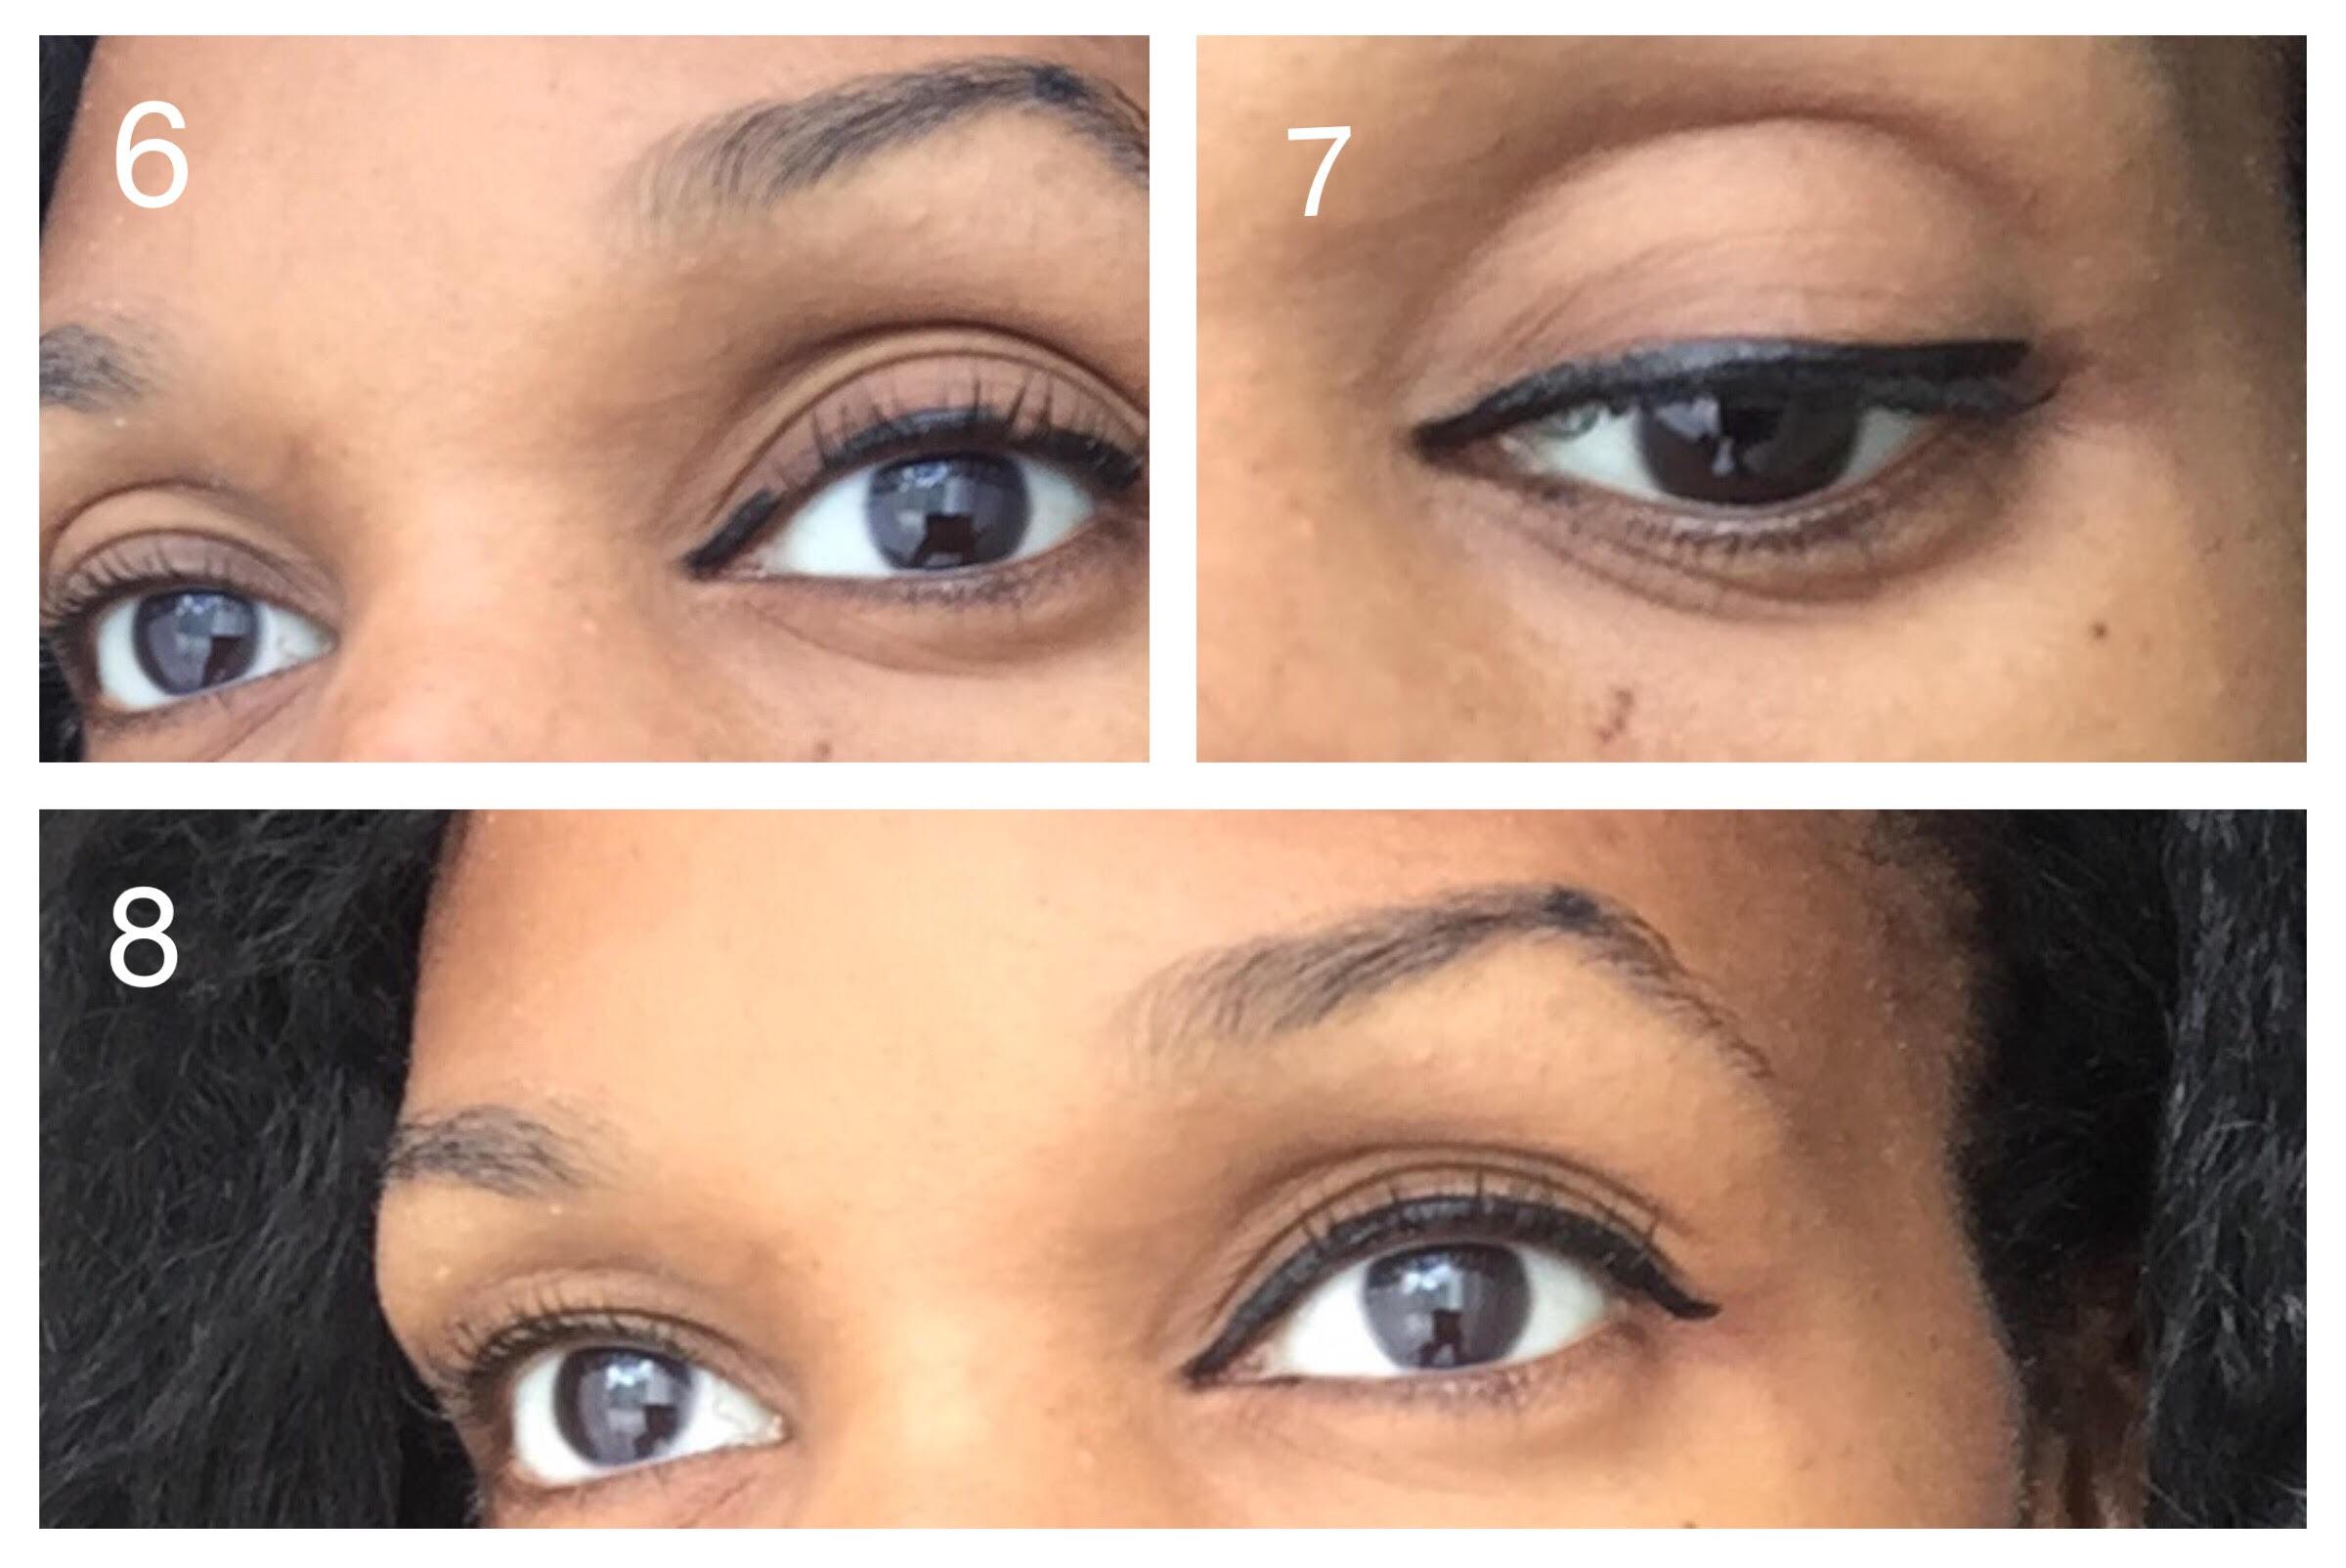 Beaute comment bien mettre son eye liner trendyslemag - Comment mettre de l eye liner ...